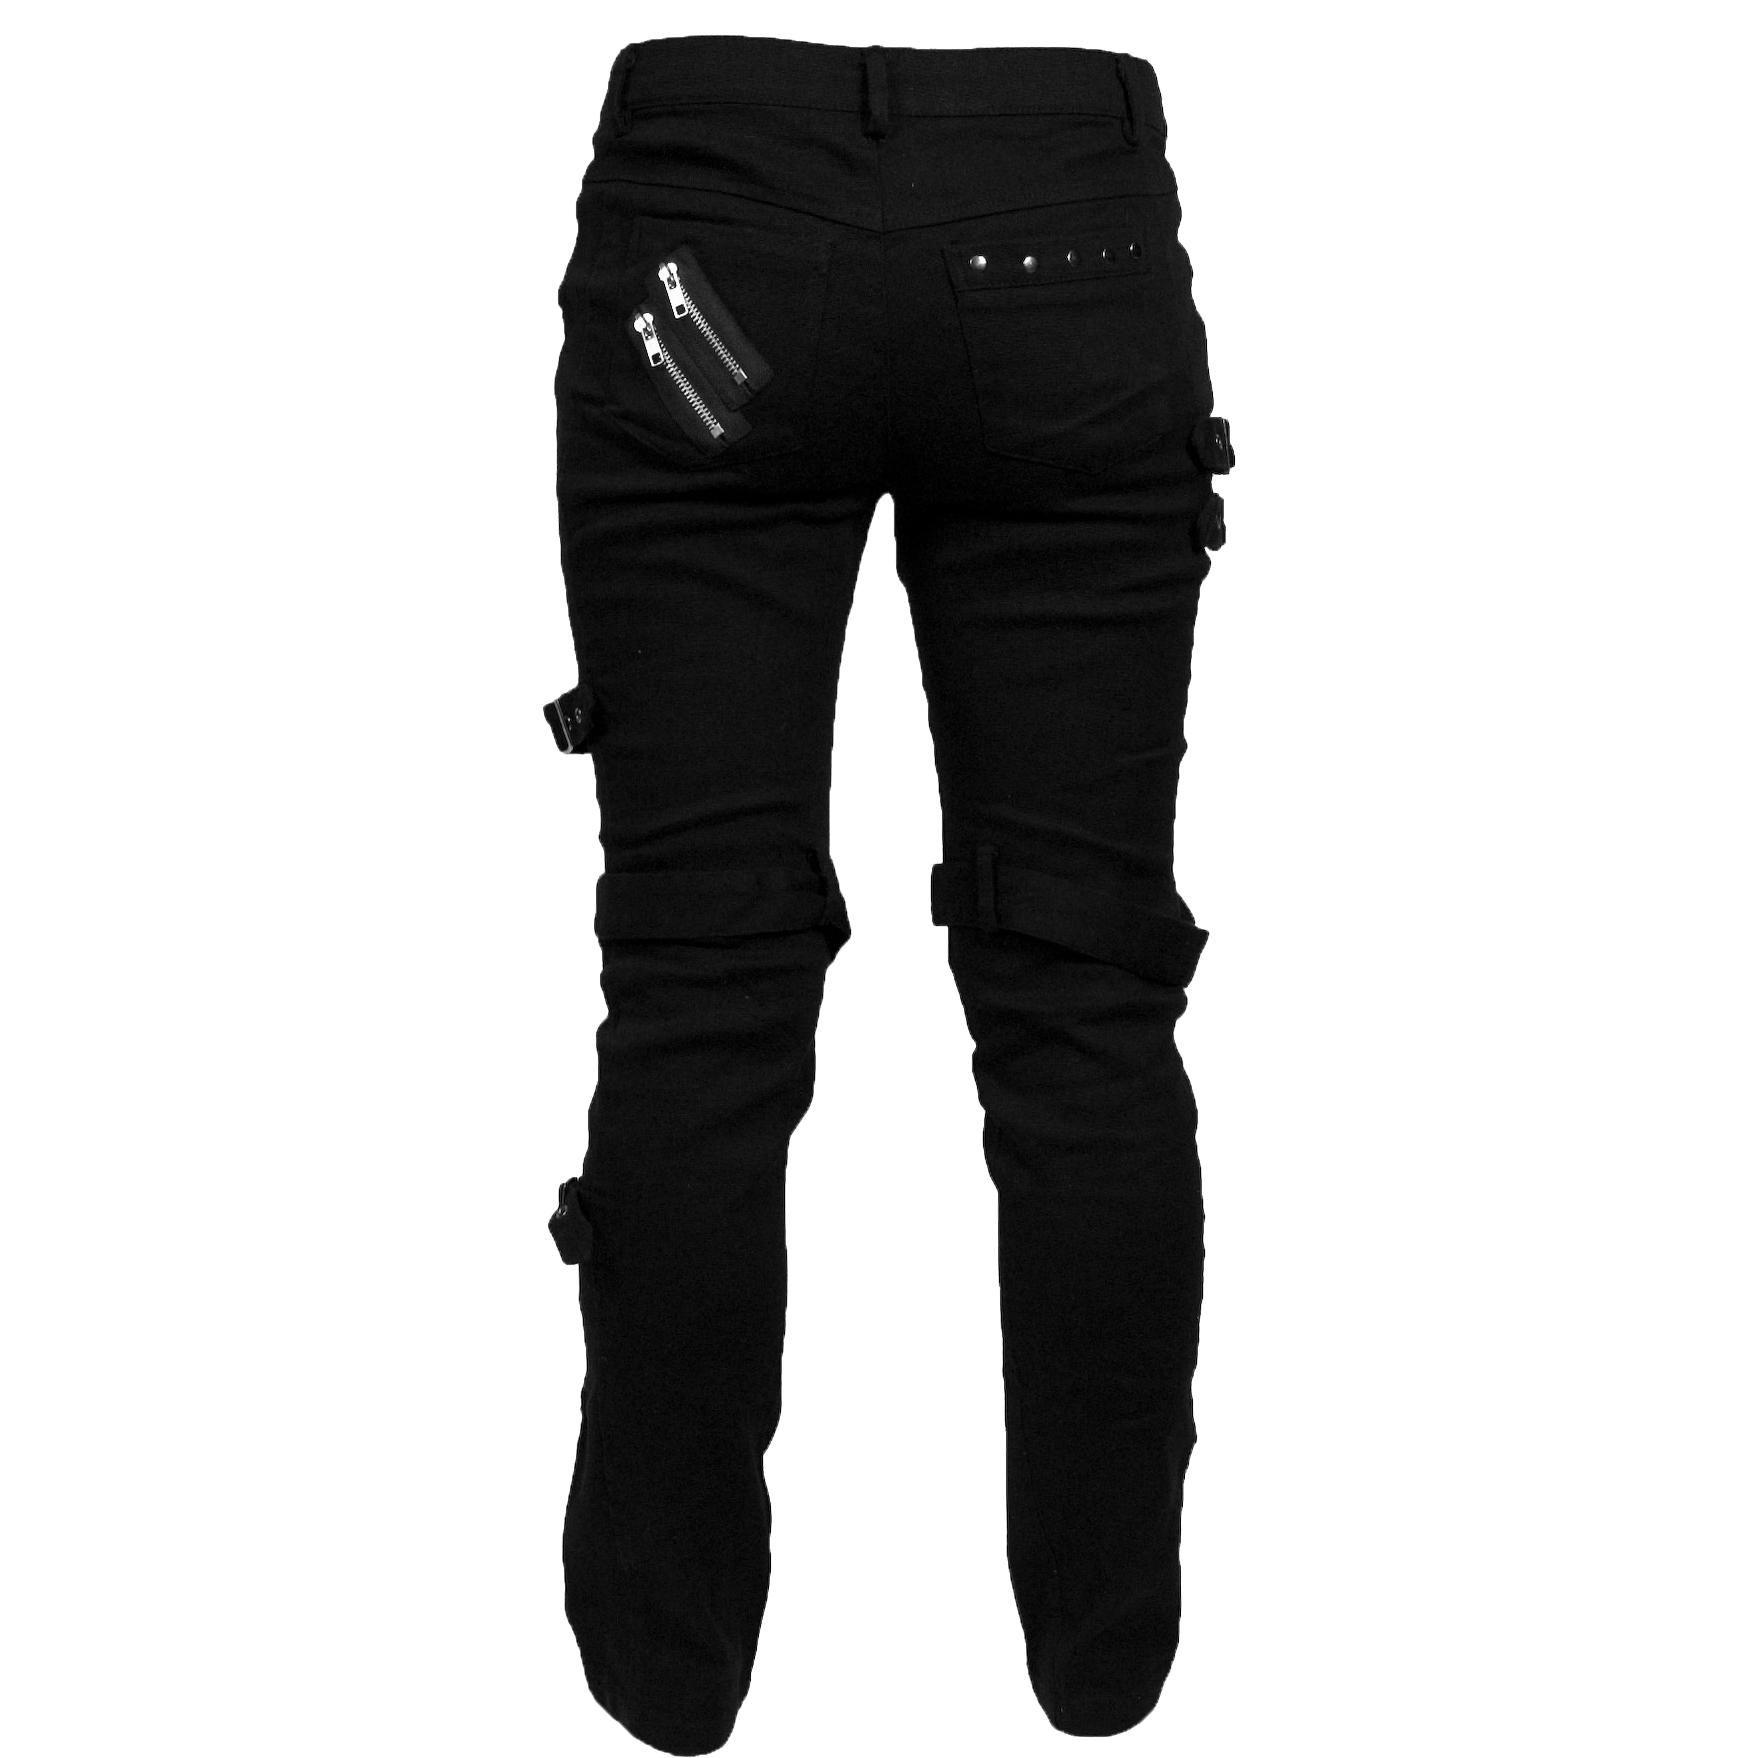 Pantalon Punk Pantalones Mujer Por Kuroneko Numero Articulo 205788 Desde 49 99 Emp Tienda Online De Ca Pantalones Punk Pantalones Pantalones Goticos